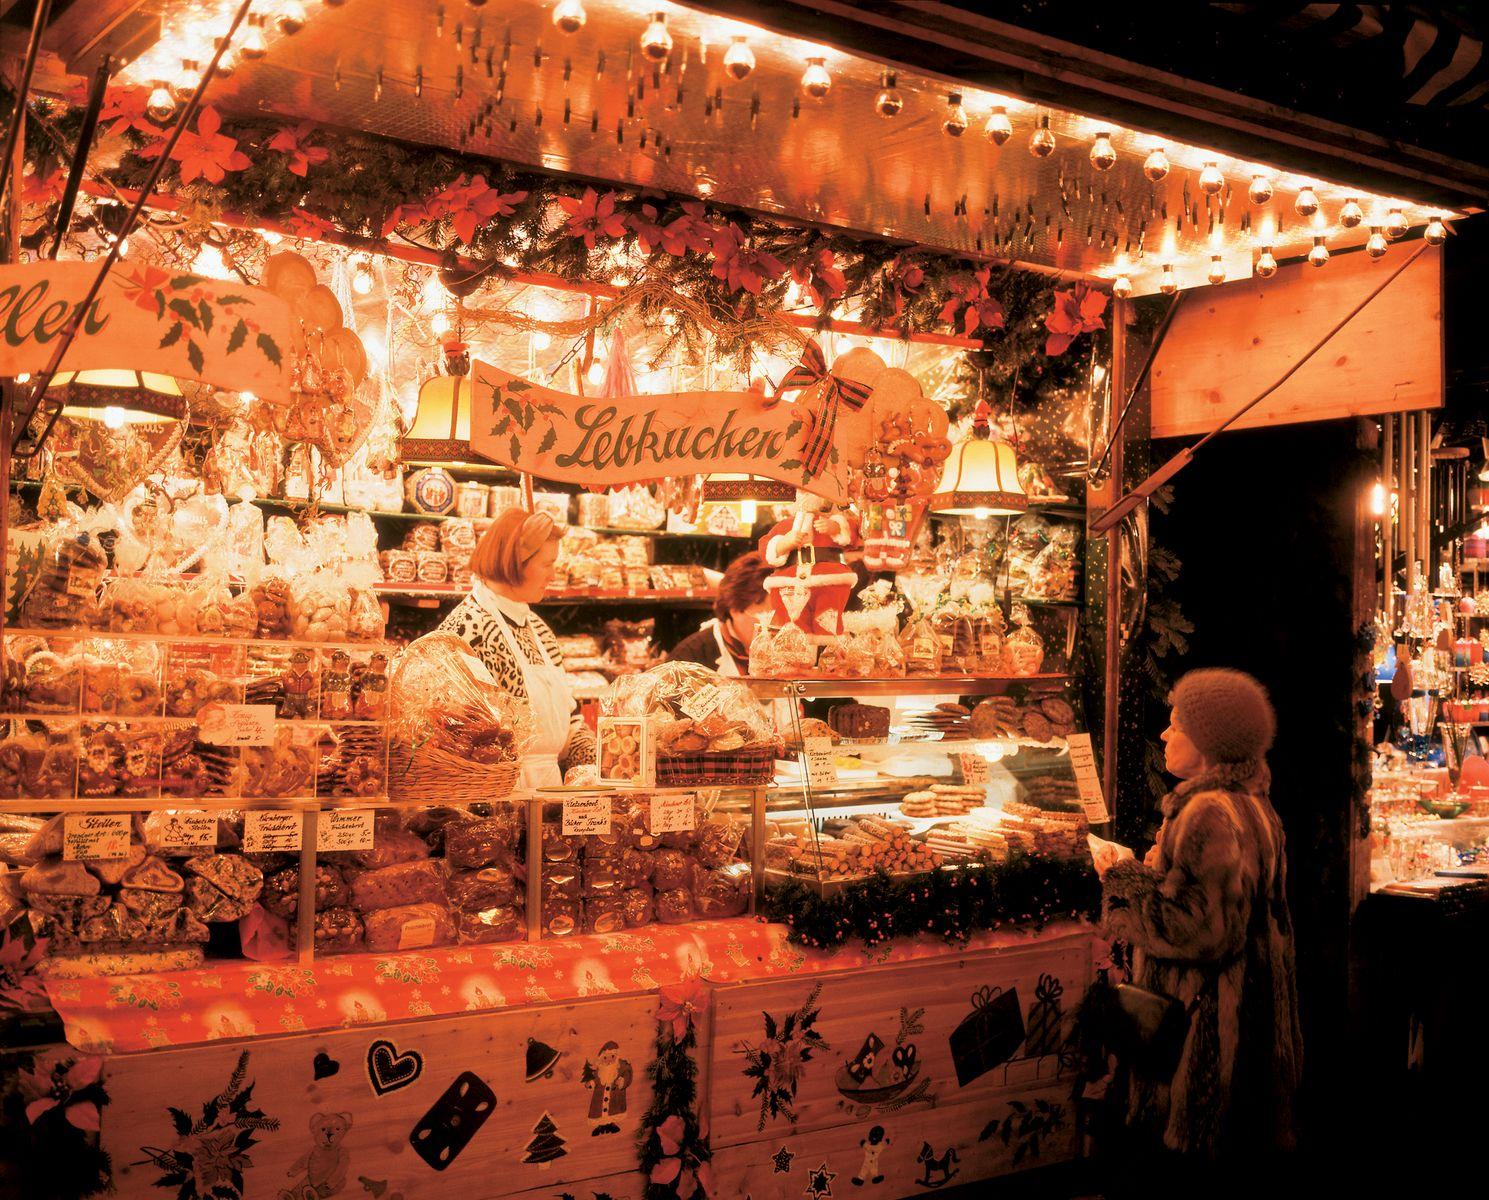 Munich: gingerbread stand at the Christmas market | Photo Credit: Joachim Messerschmidt